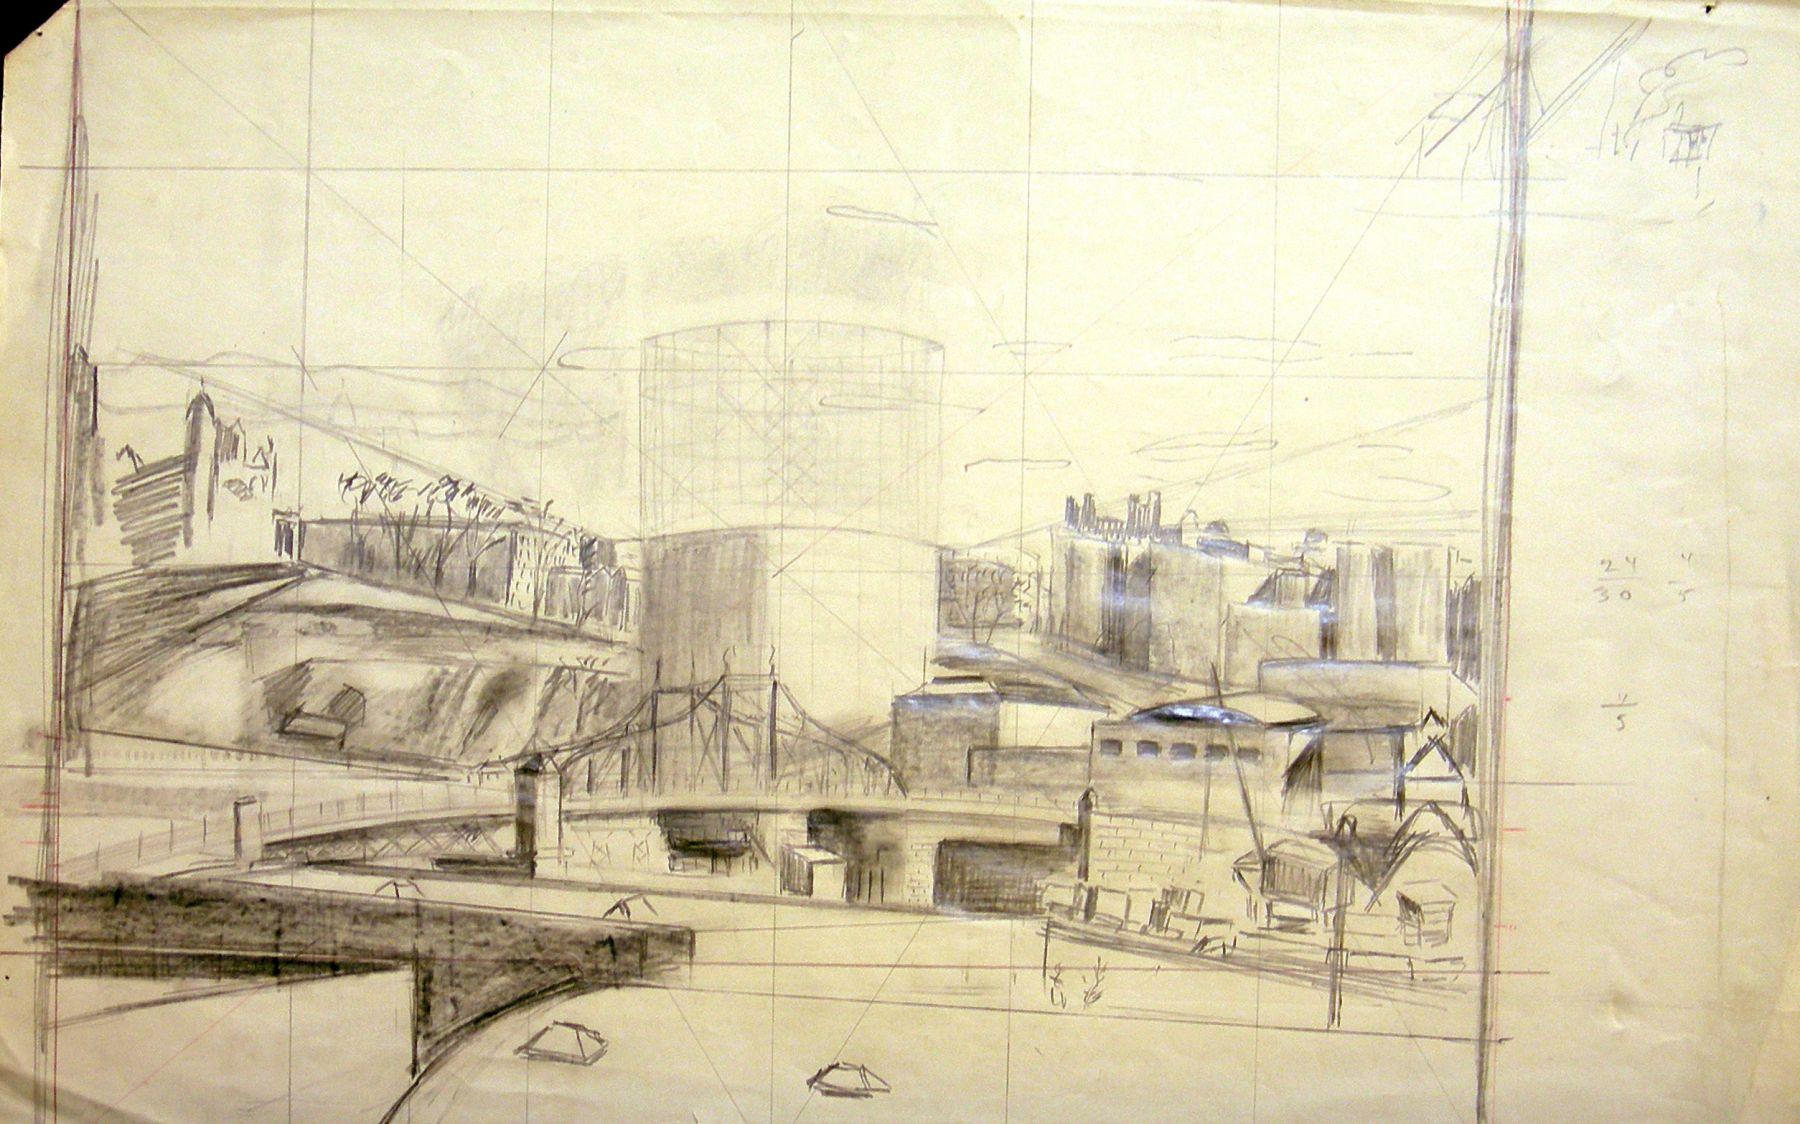 Untitled (Study for Harlem River Landscape), c. 1932, Graphite on paper